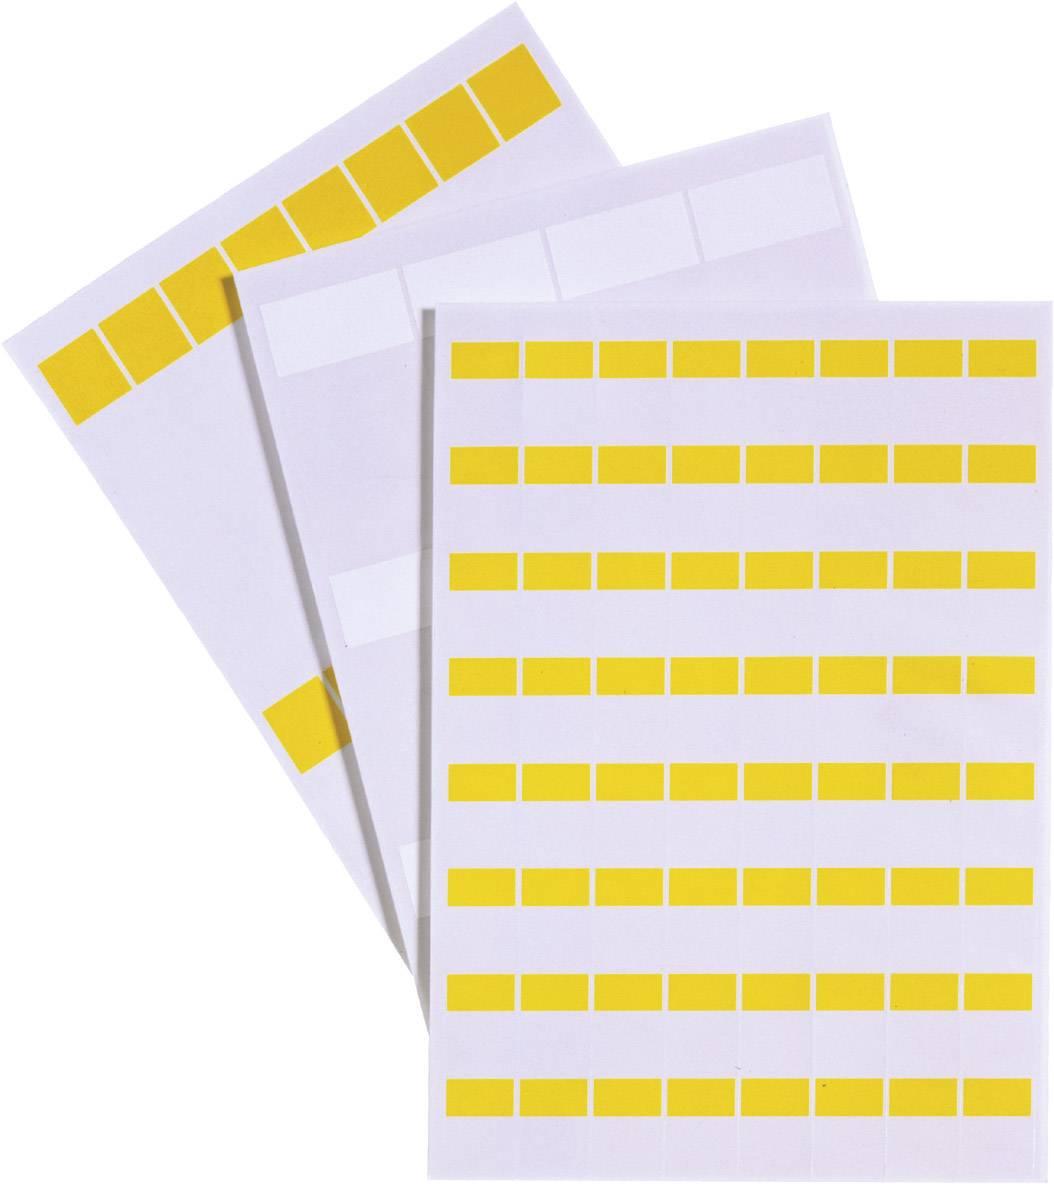 Etikety LappKabel LCK-60 YE (83256150), žlutá